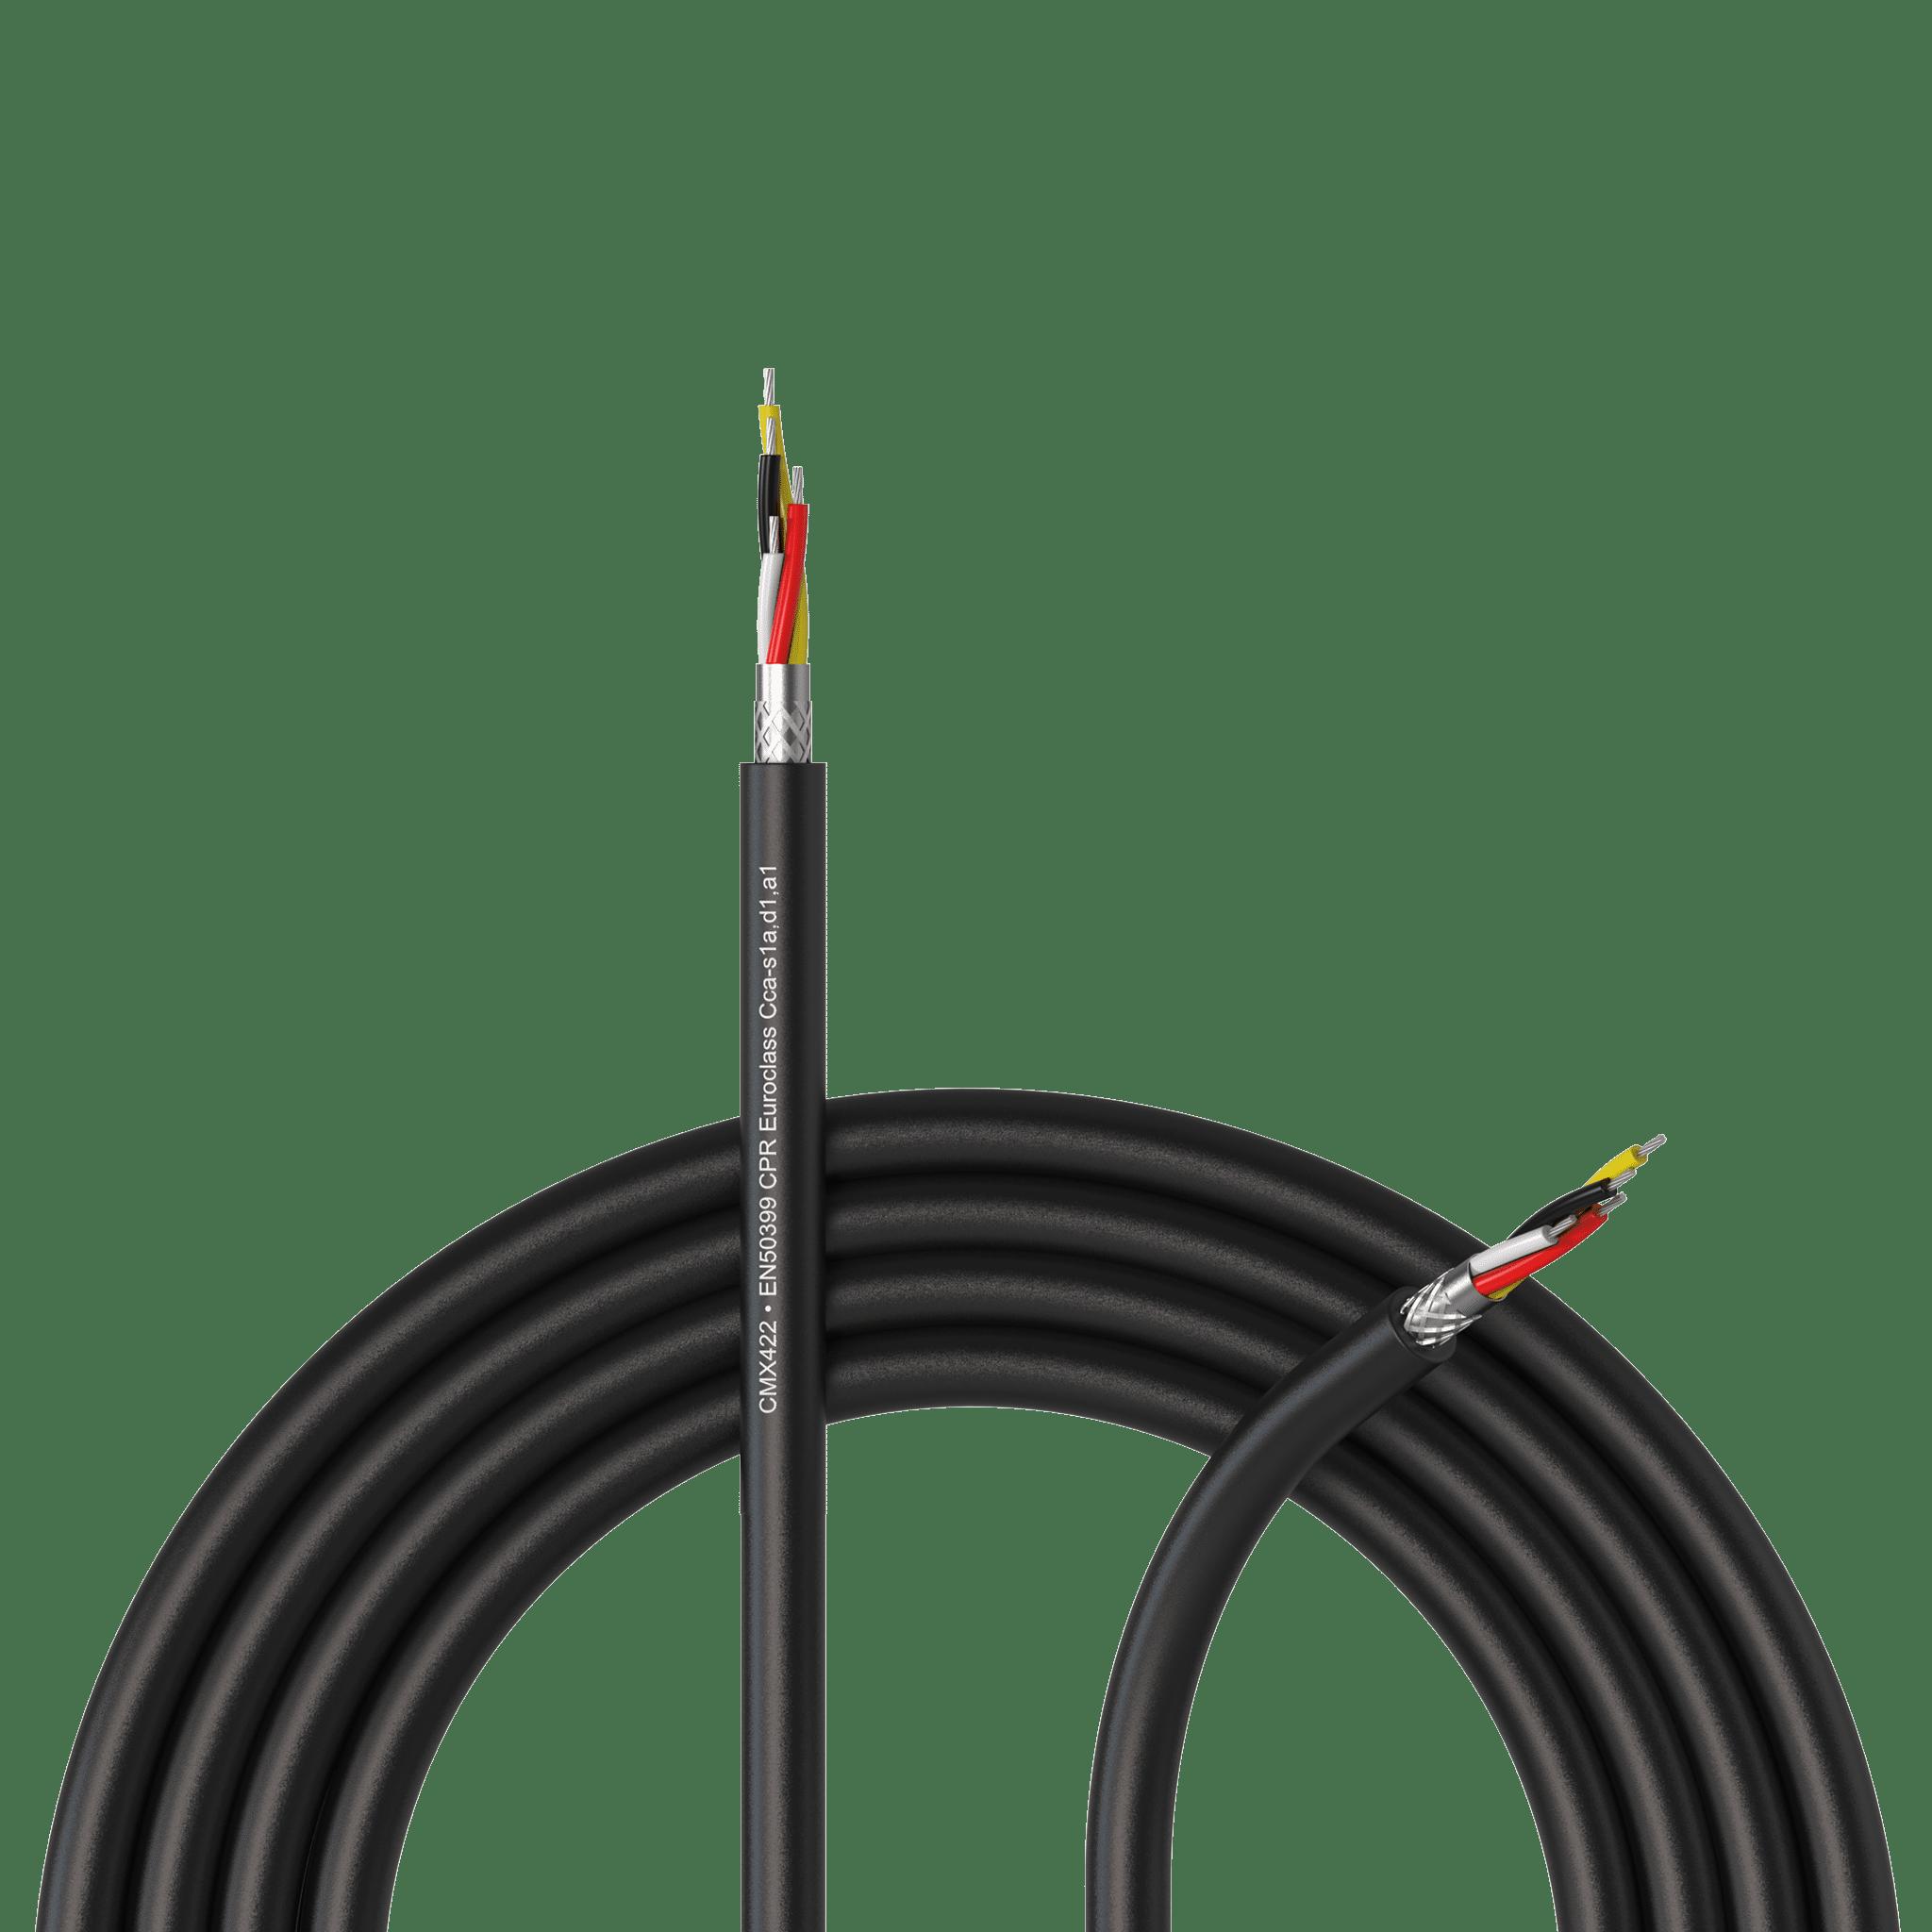 CMX422-CCA - DMX-512 cable - 4 x 0.34 mm² - 22 AWG -  EN50399 CPR Euroclass Cca-s1a,d1,a1